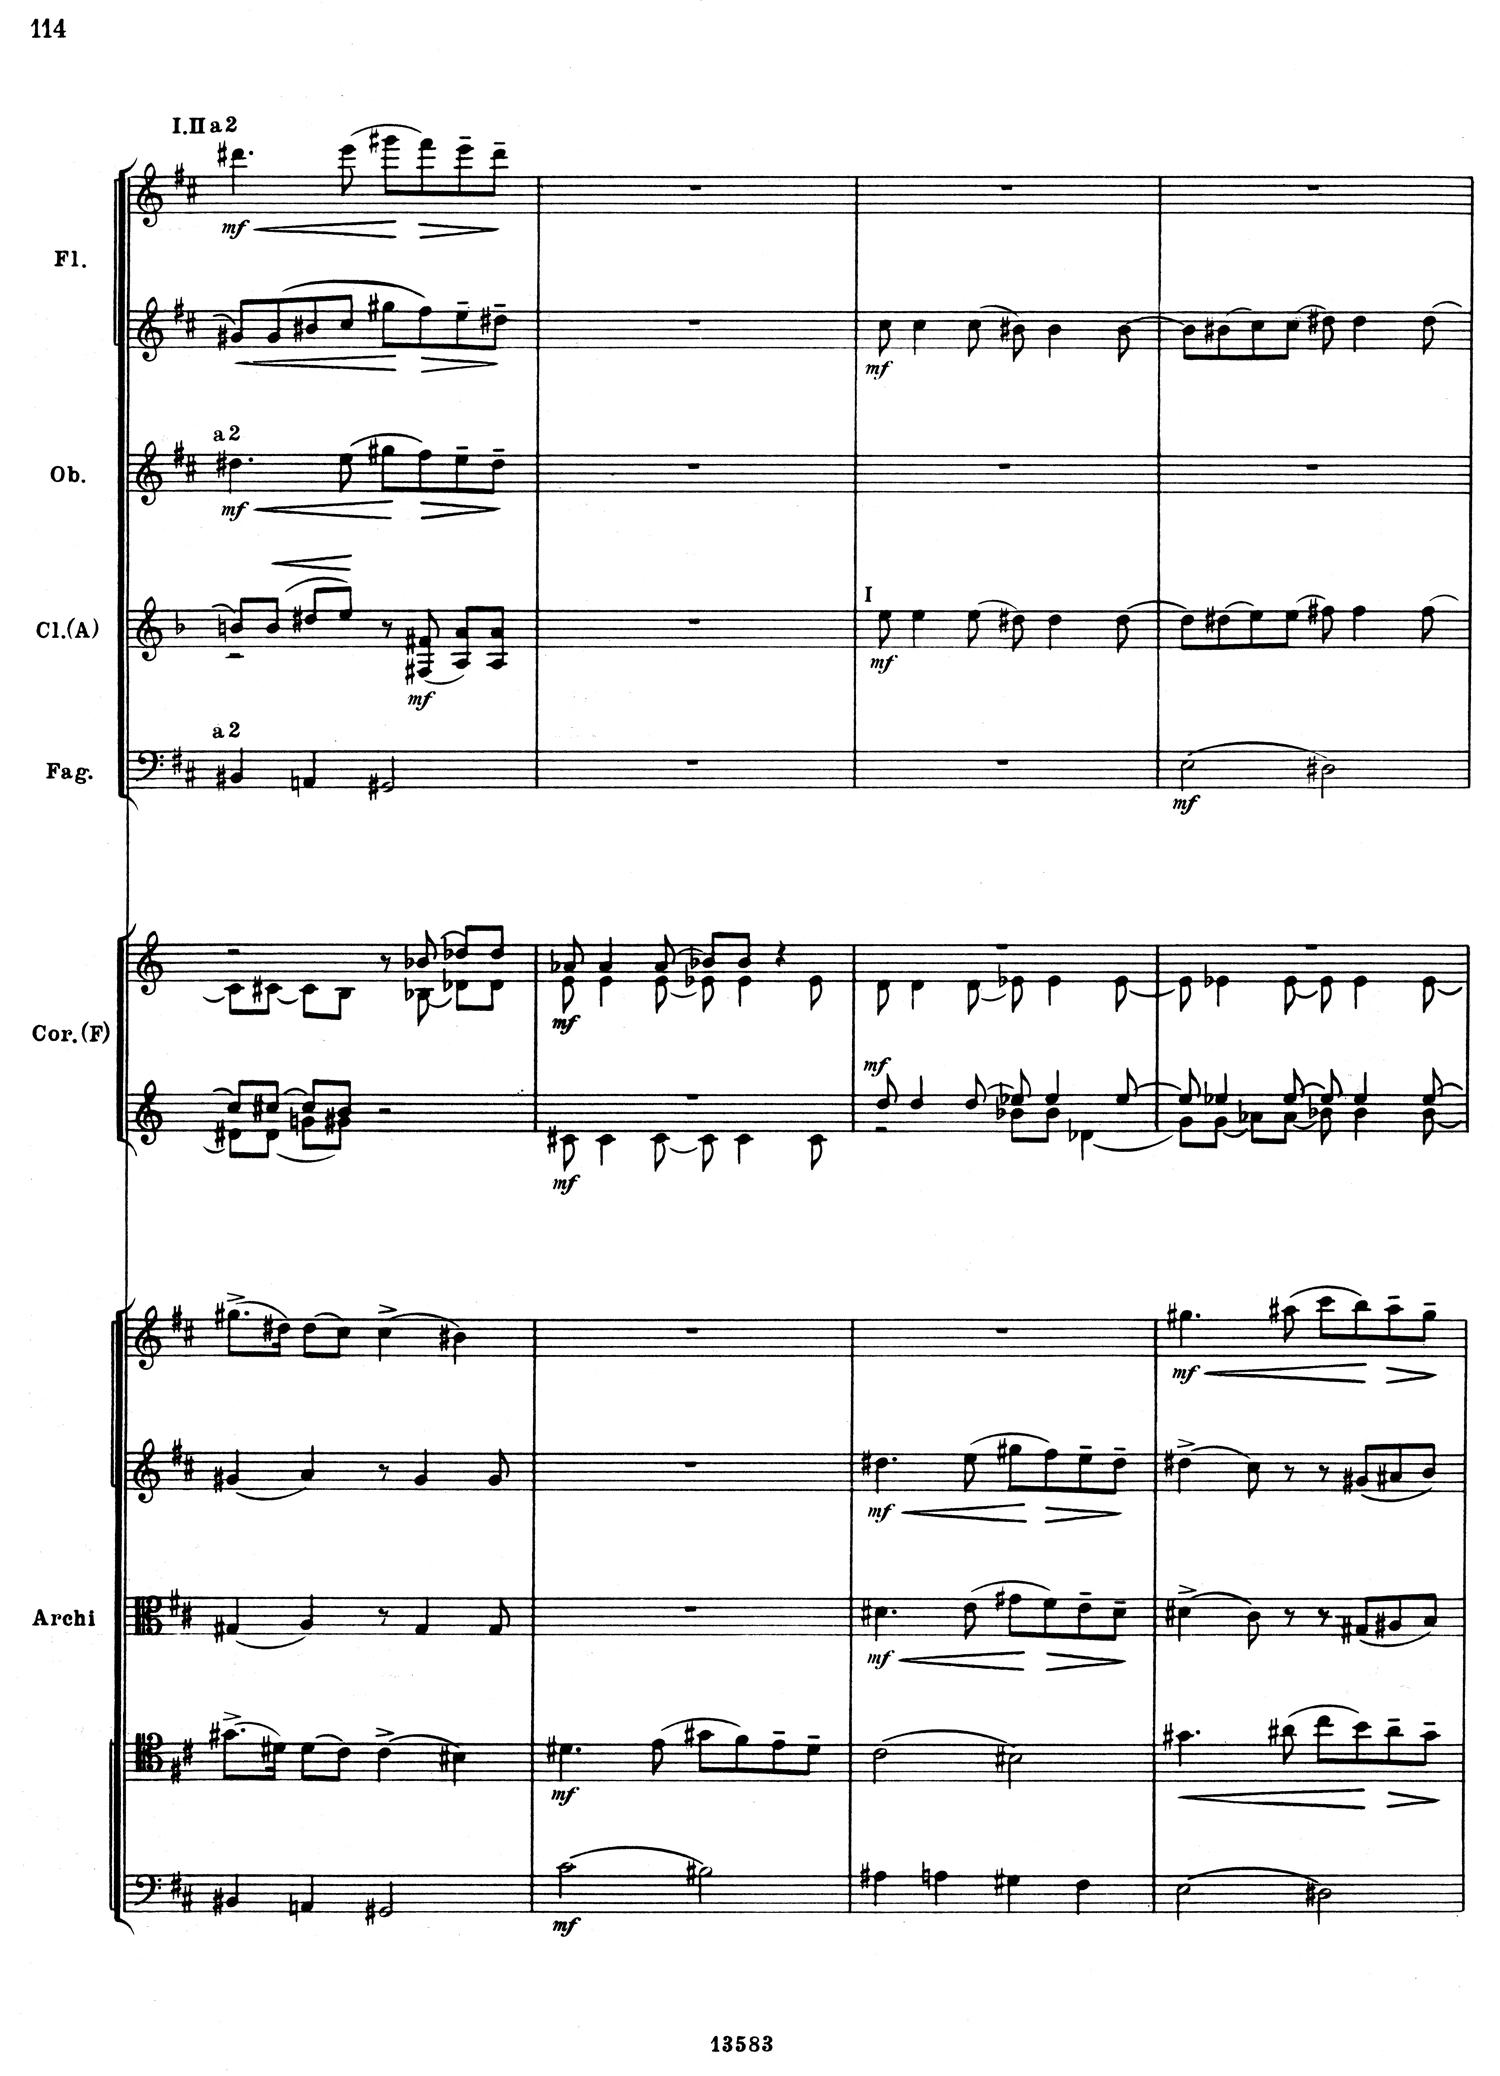 Tchaikovsky 5 Mvt 2 Score 2.jpg